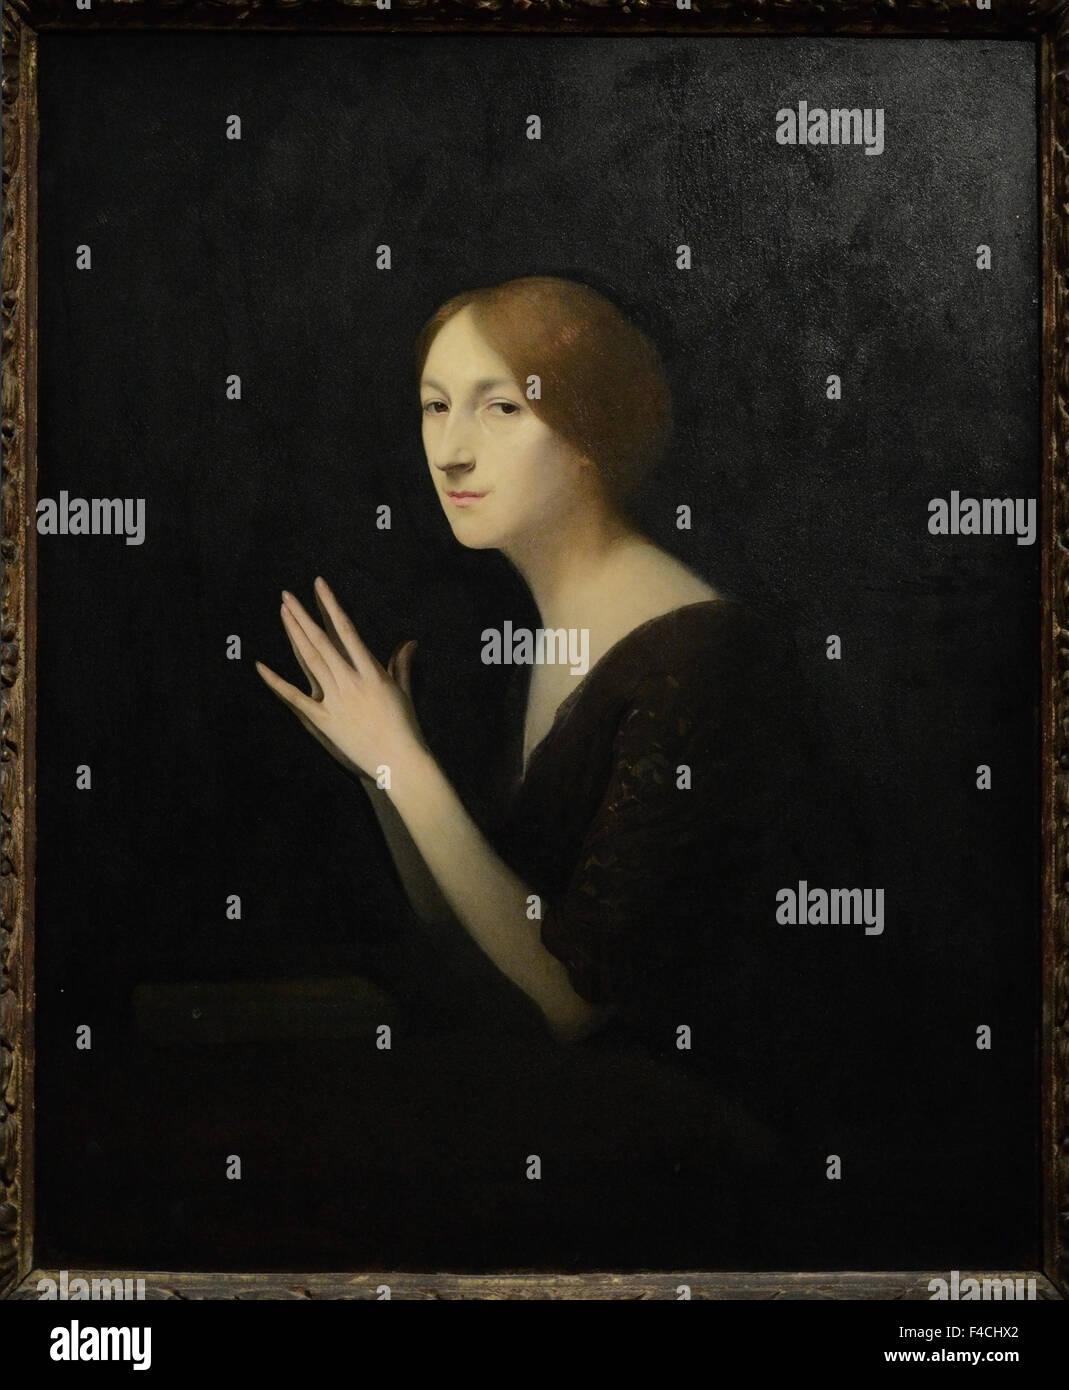 Joseph Granié - Marguerite Moreno - 1899 - Orsay Museum - Paris - Stock Image